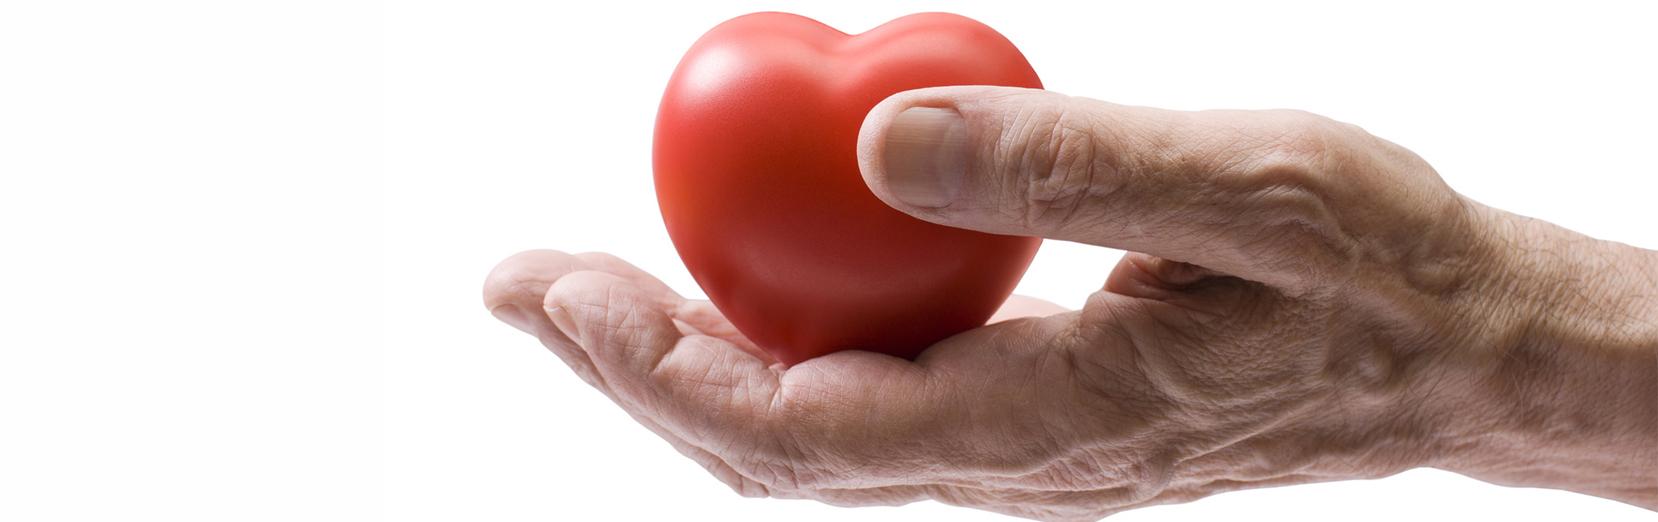 Image result for heart safe